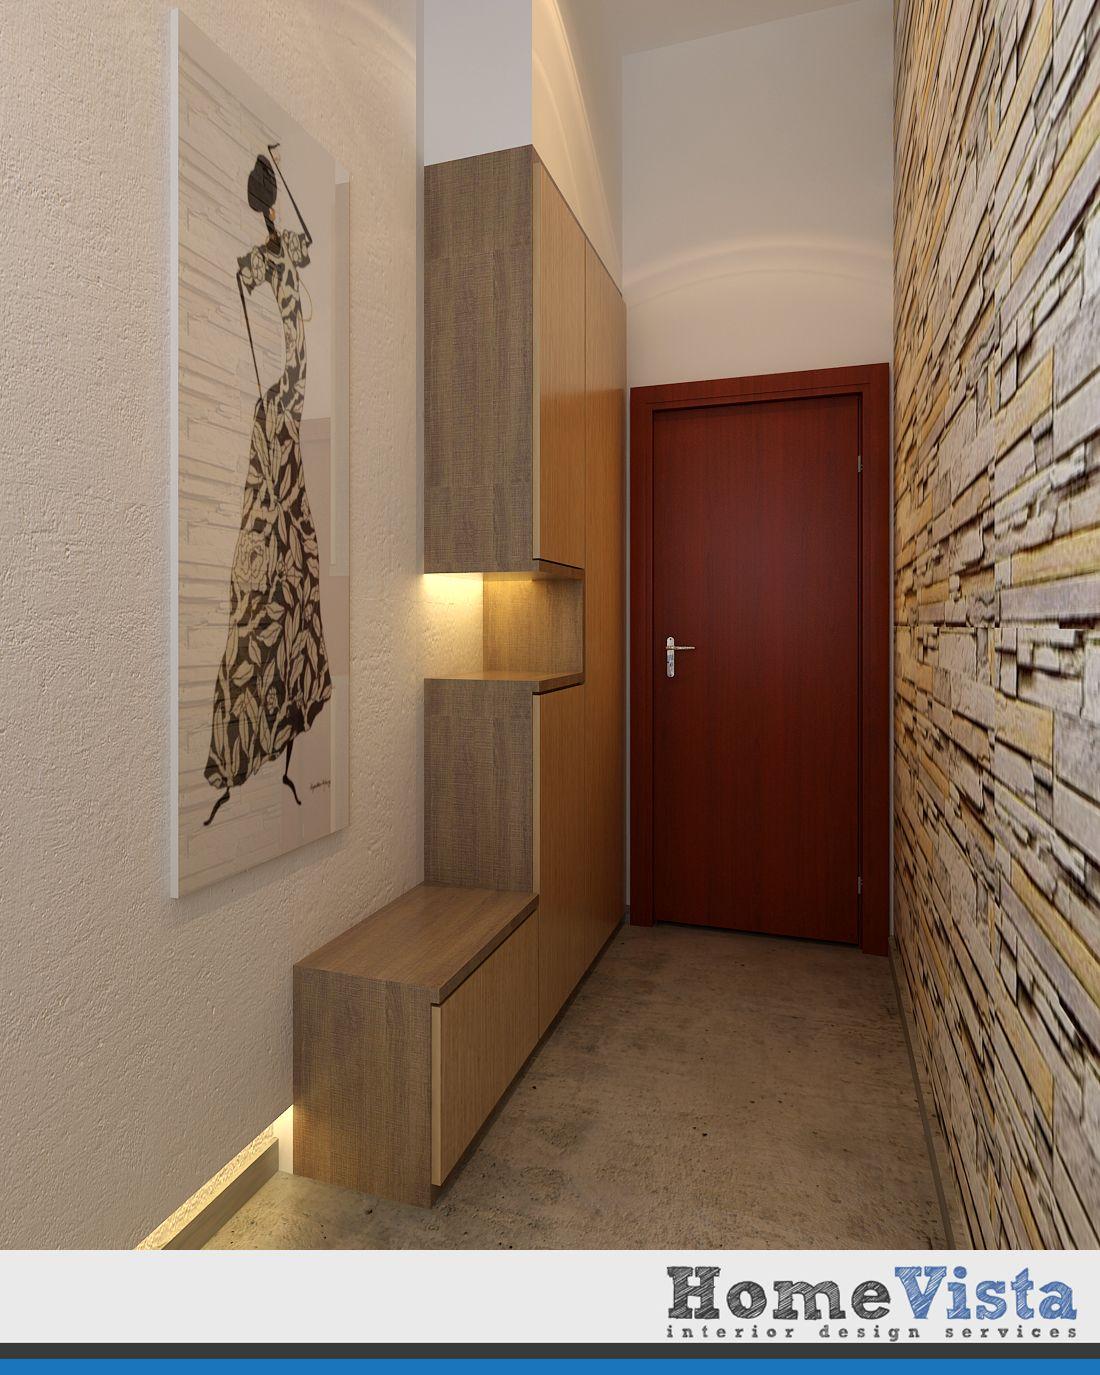 Living Room Cabinet Design Singapore: Interior Design Ideas